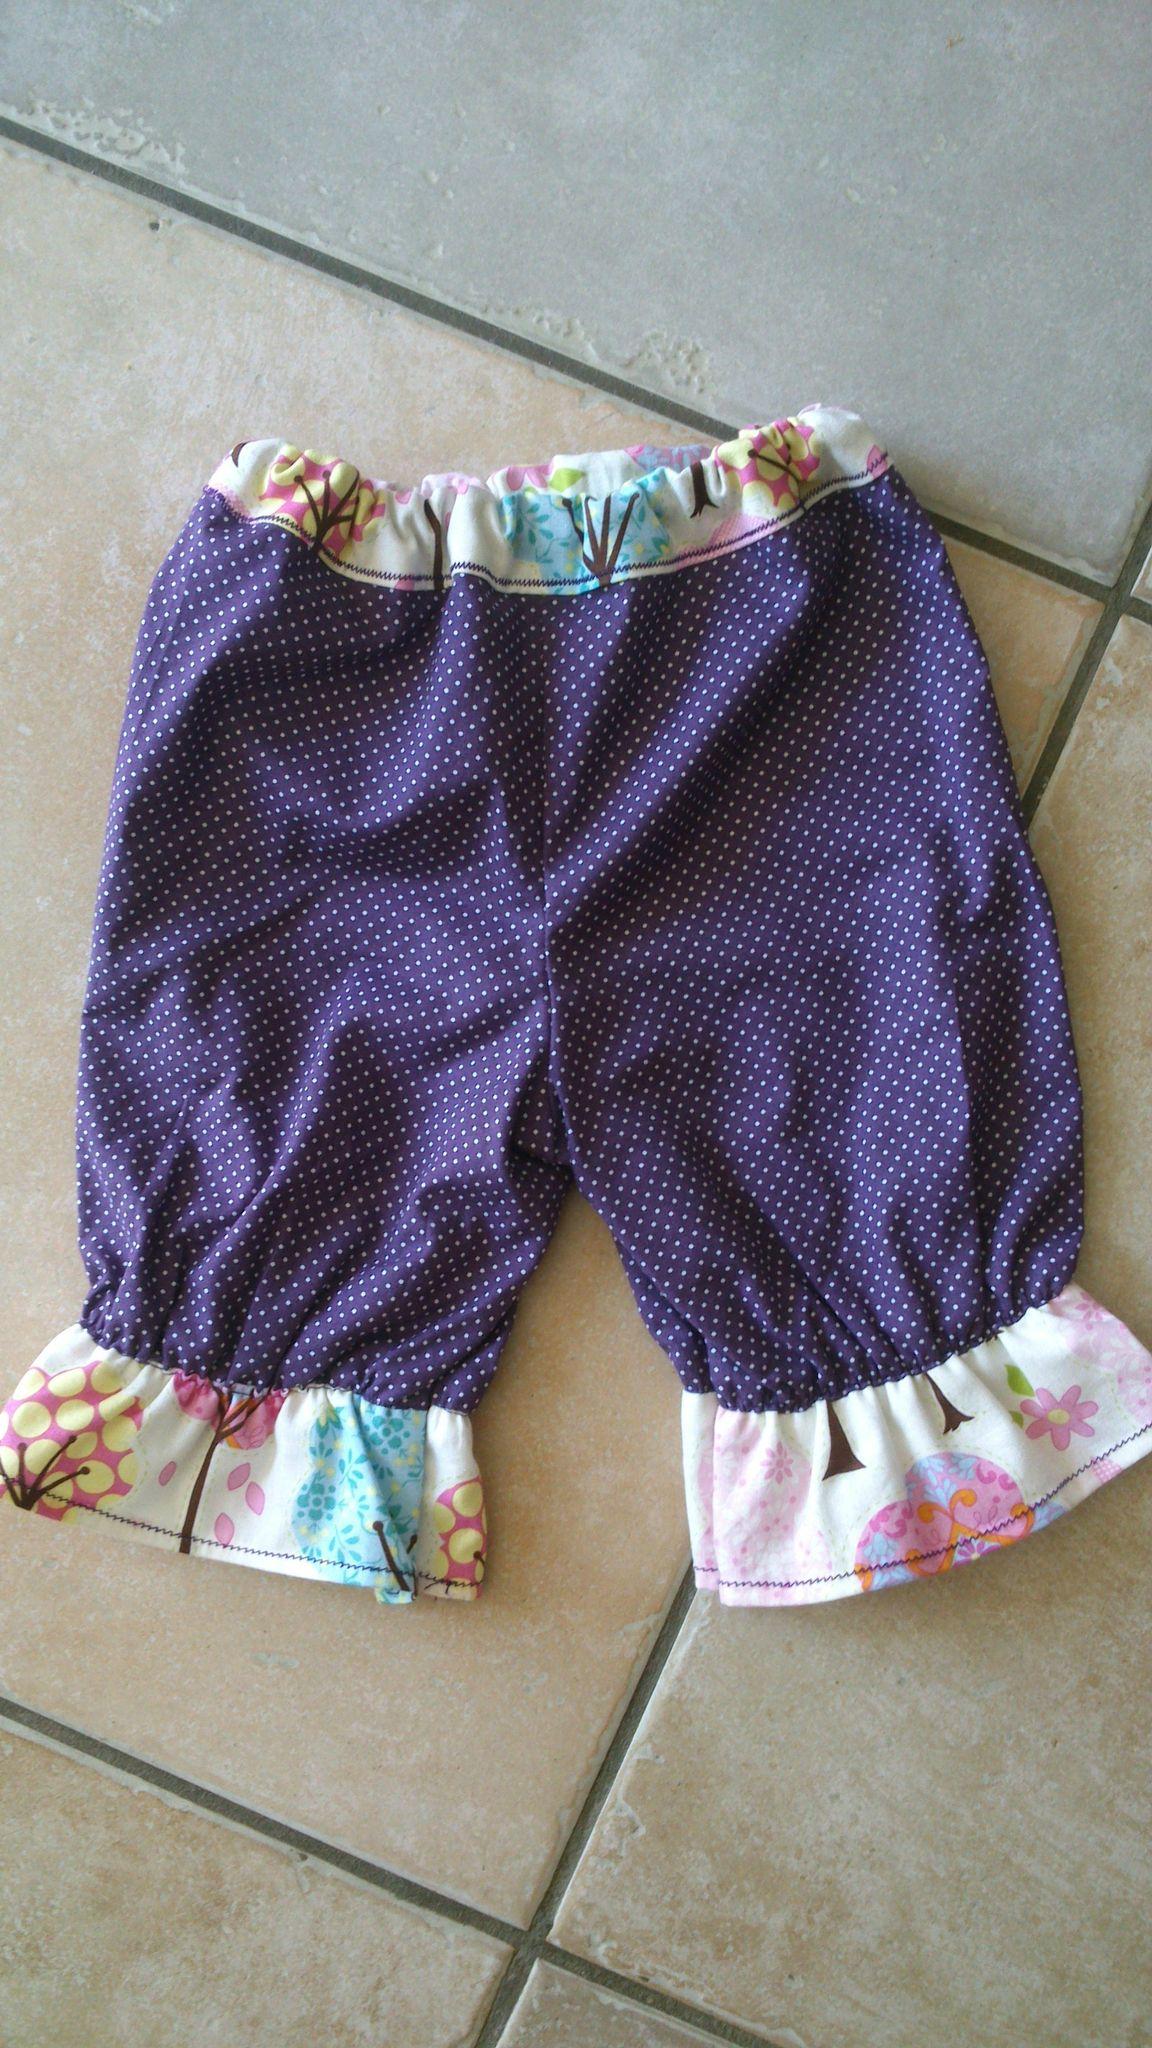 Finalement un pantalon...